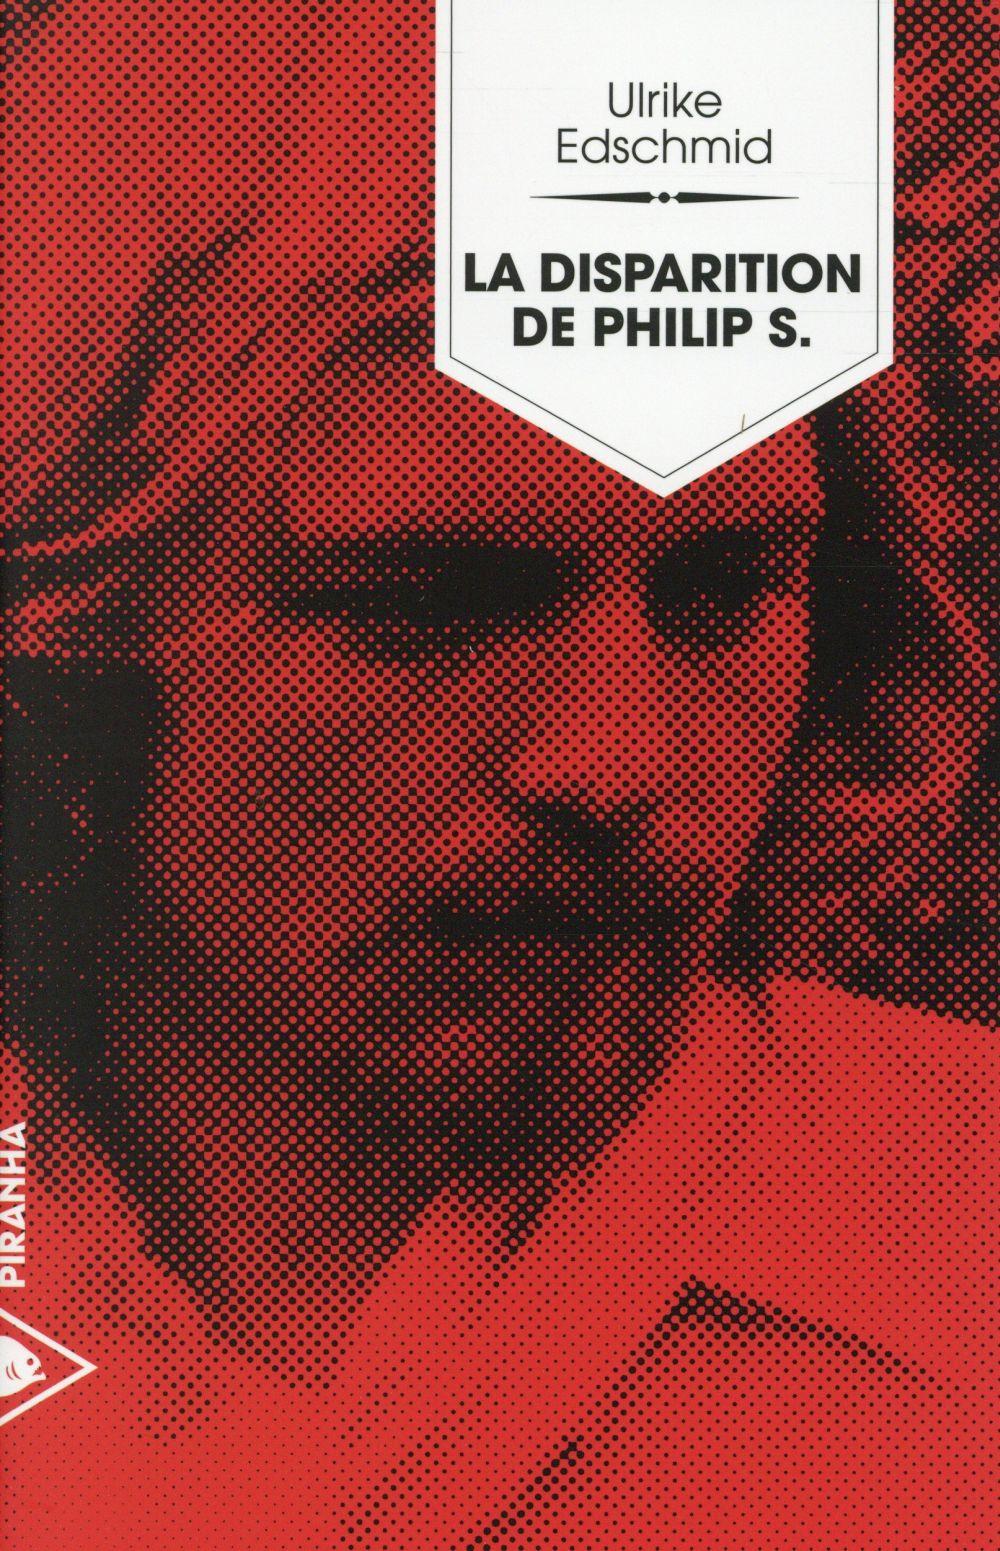 La disparition de Philip S.